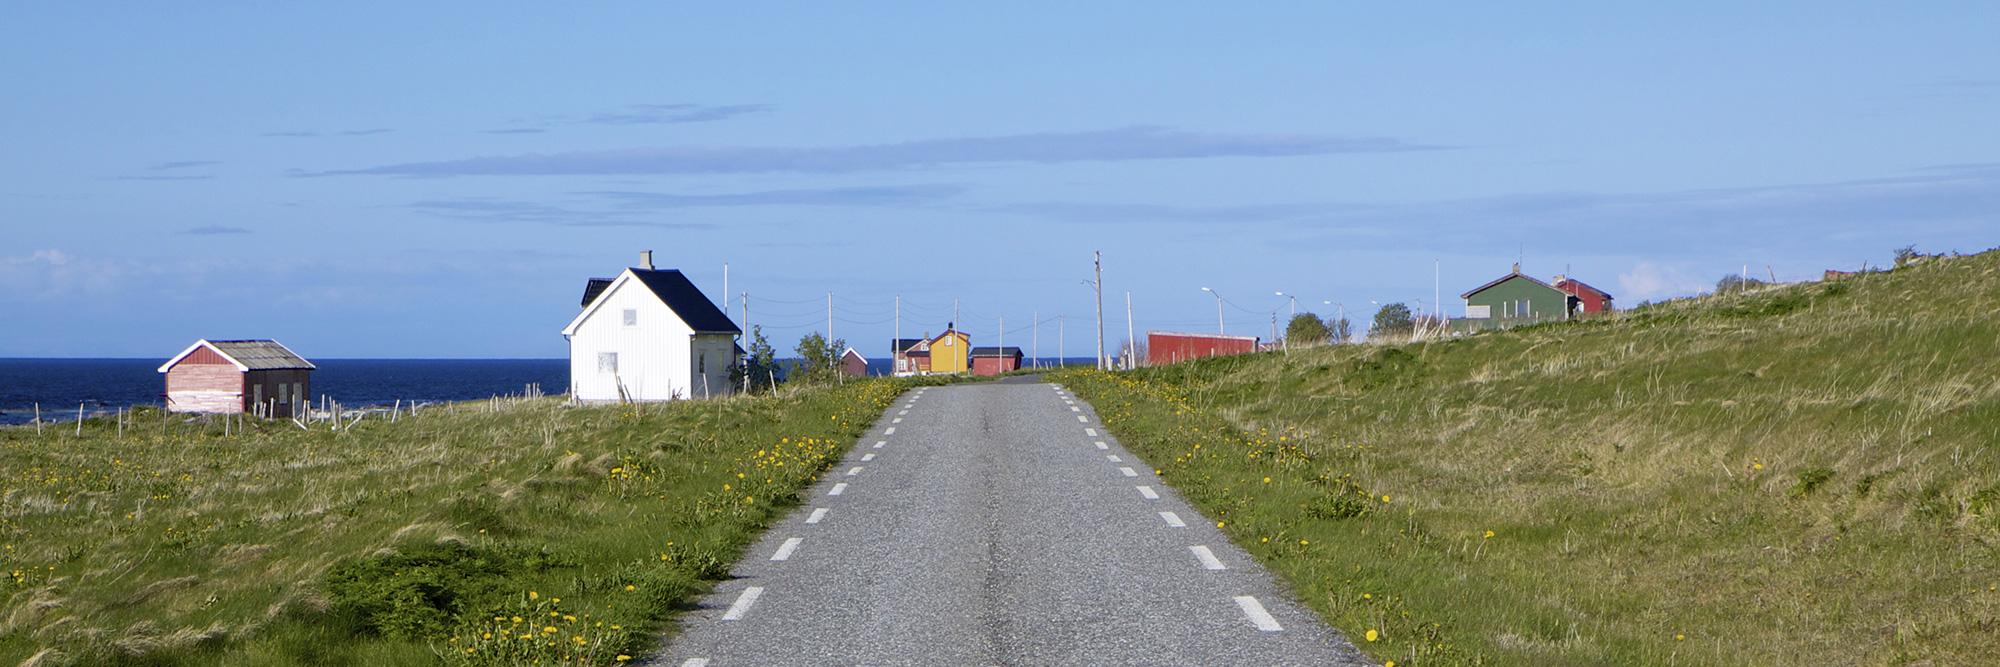 Location de vélo dans les Lofoten